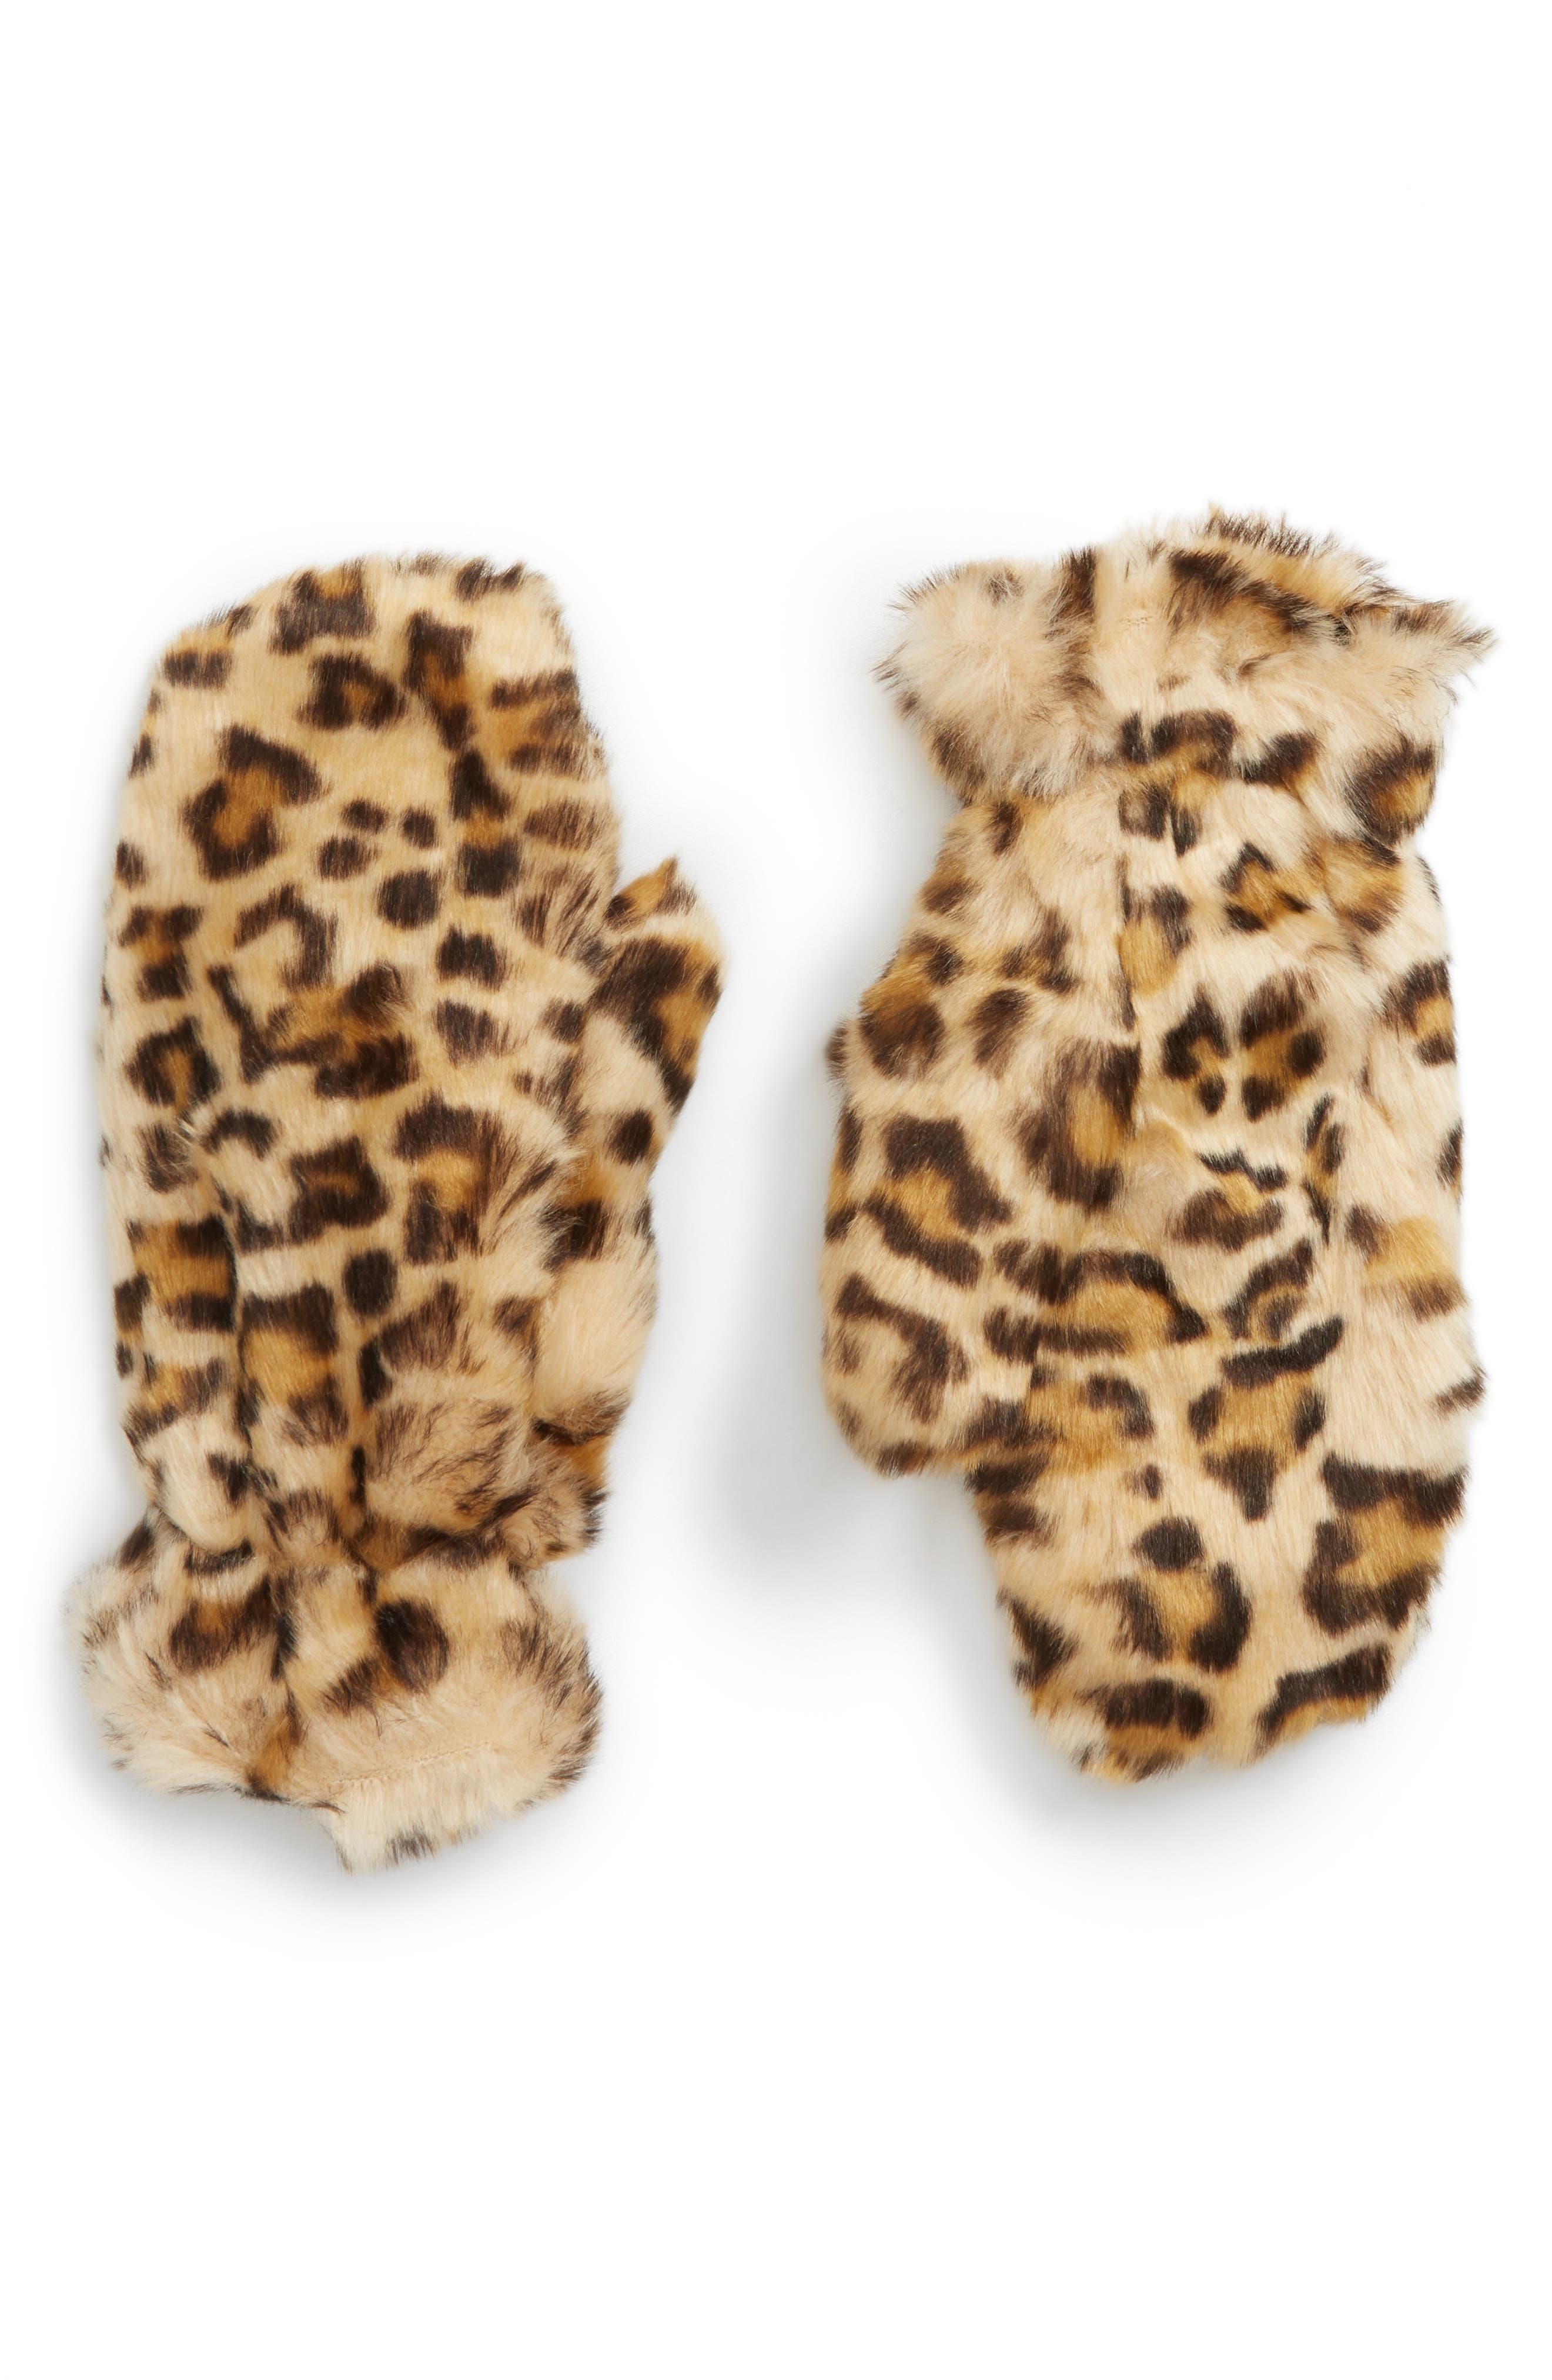 Leopard Print Faux Fur Mittens,                         Main,                         color, BROWN MULTI